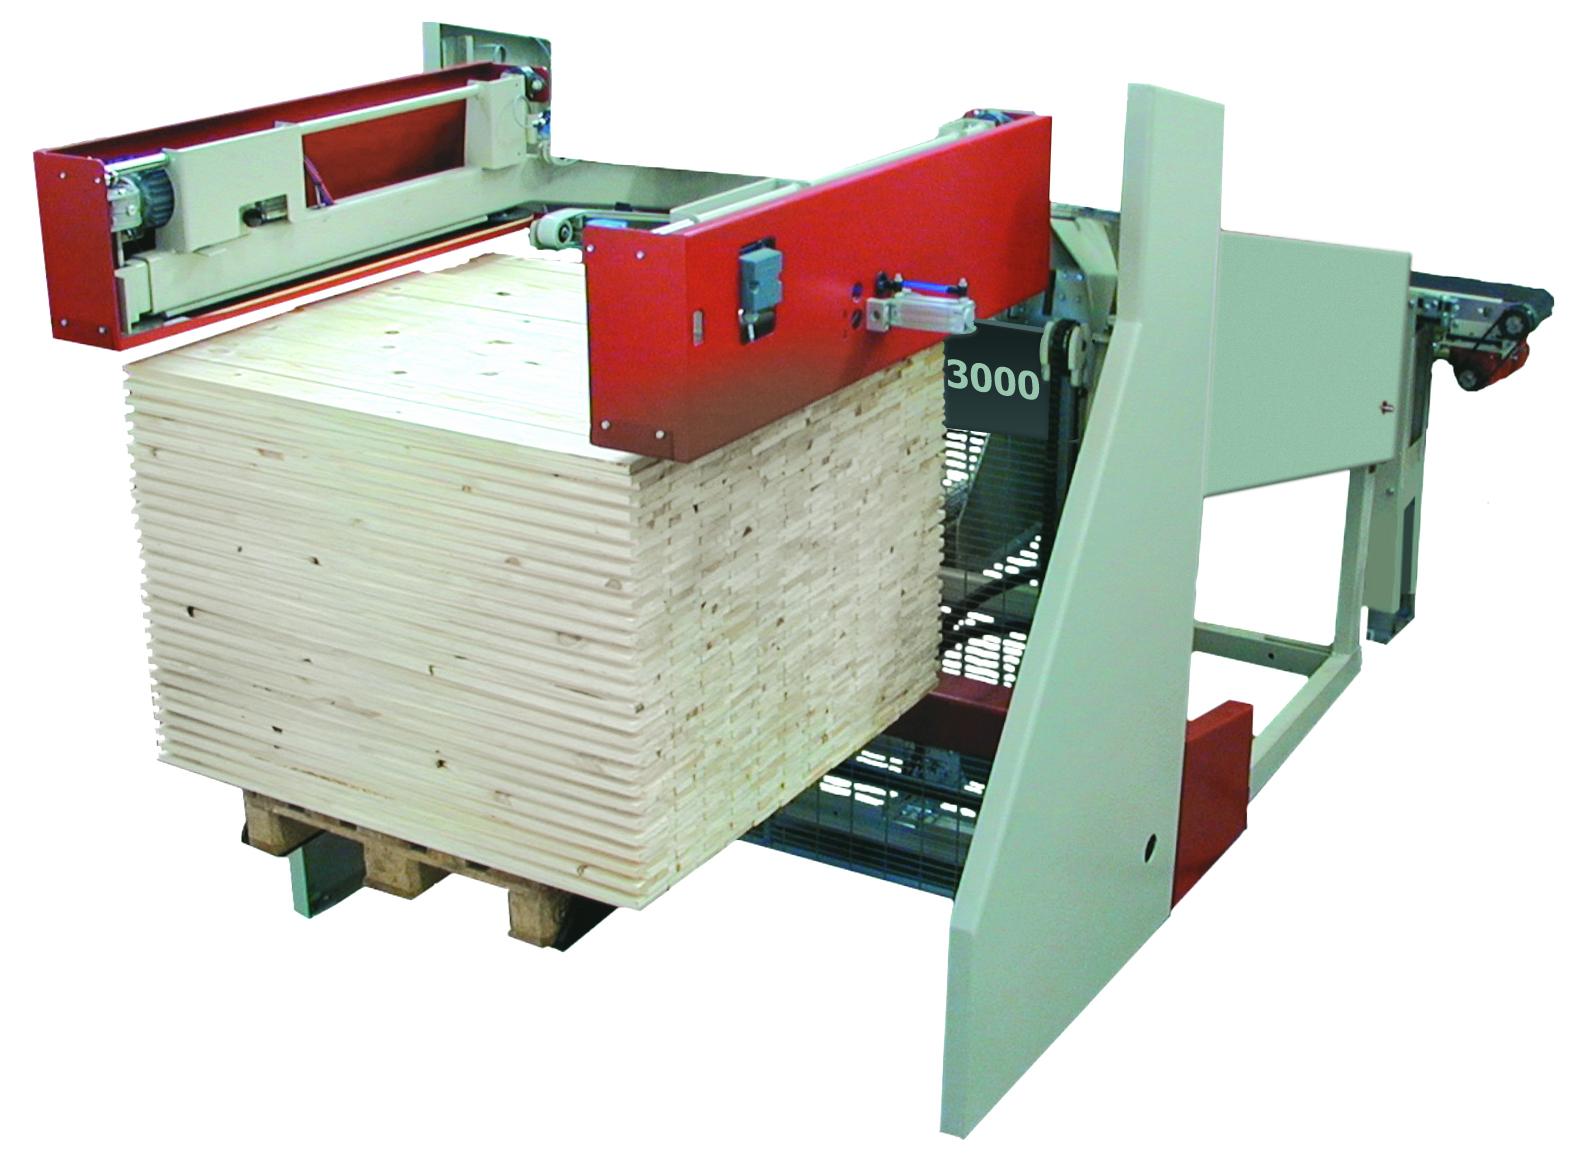 bypath machine